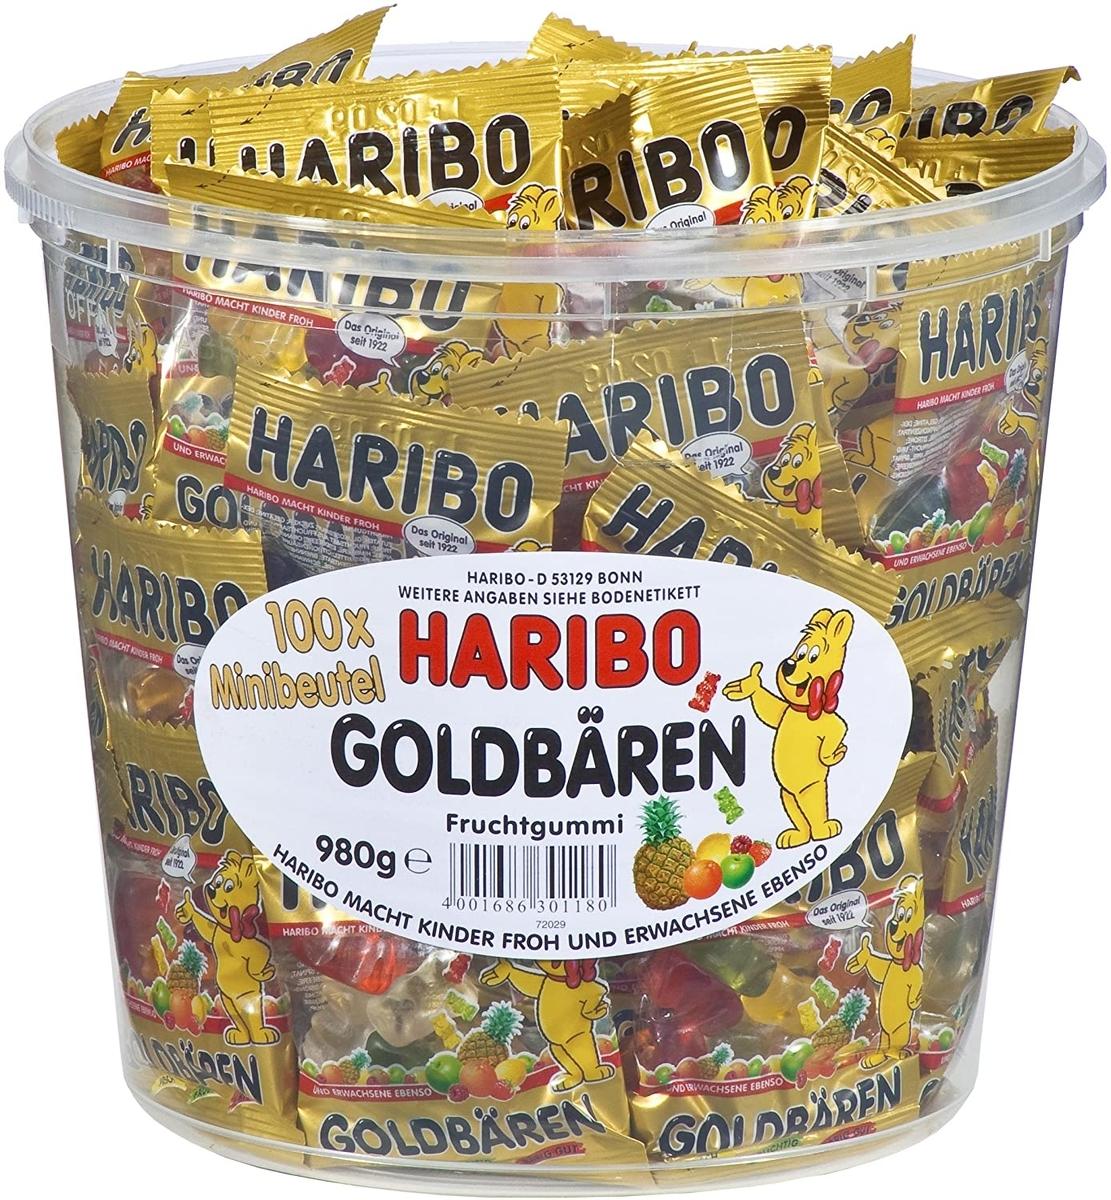 HARIBO ハリボー ミニゴールドベアのイメージ画像